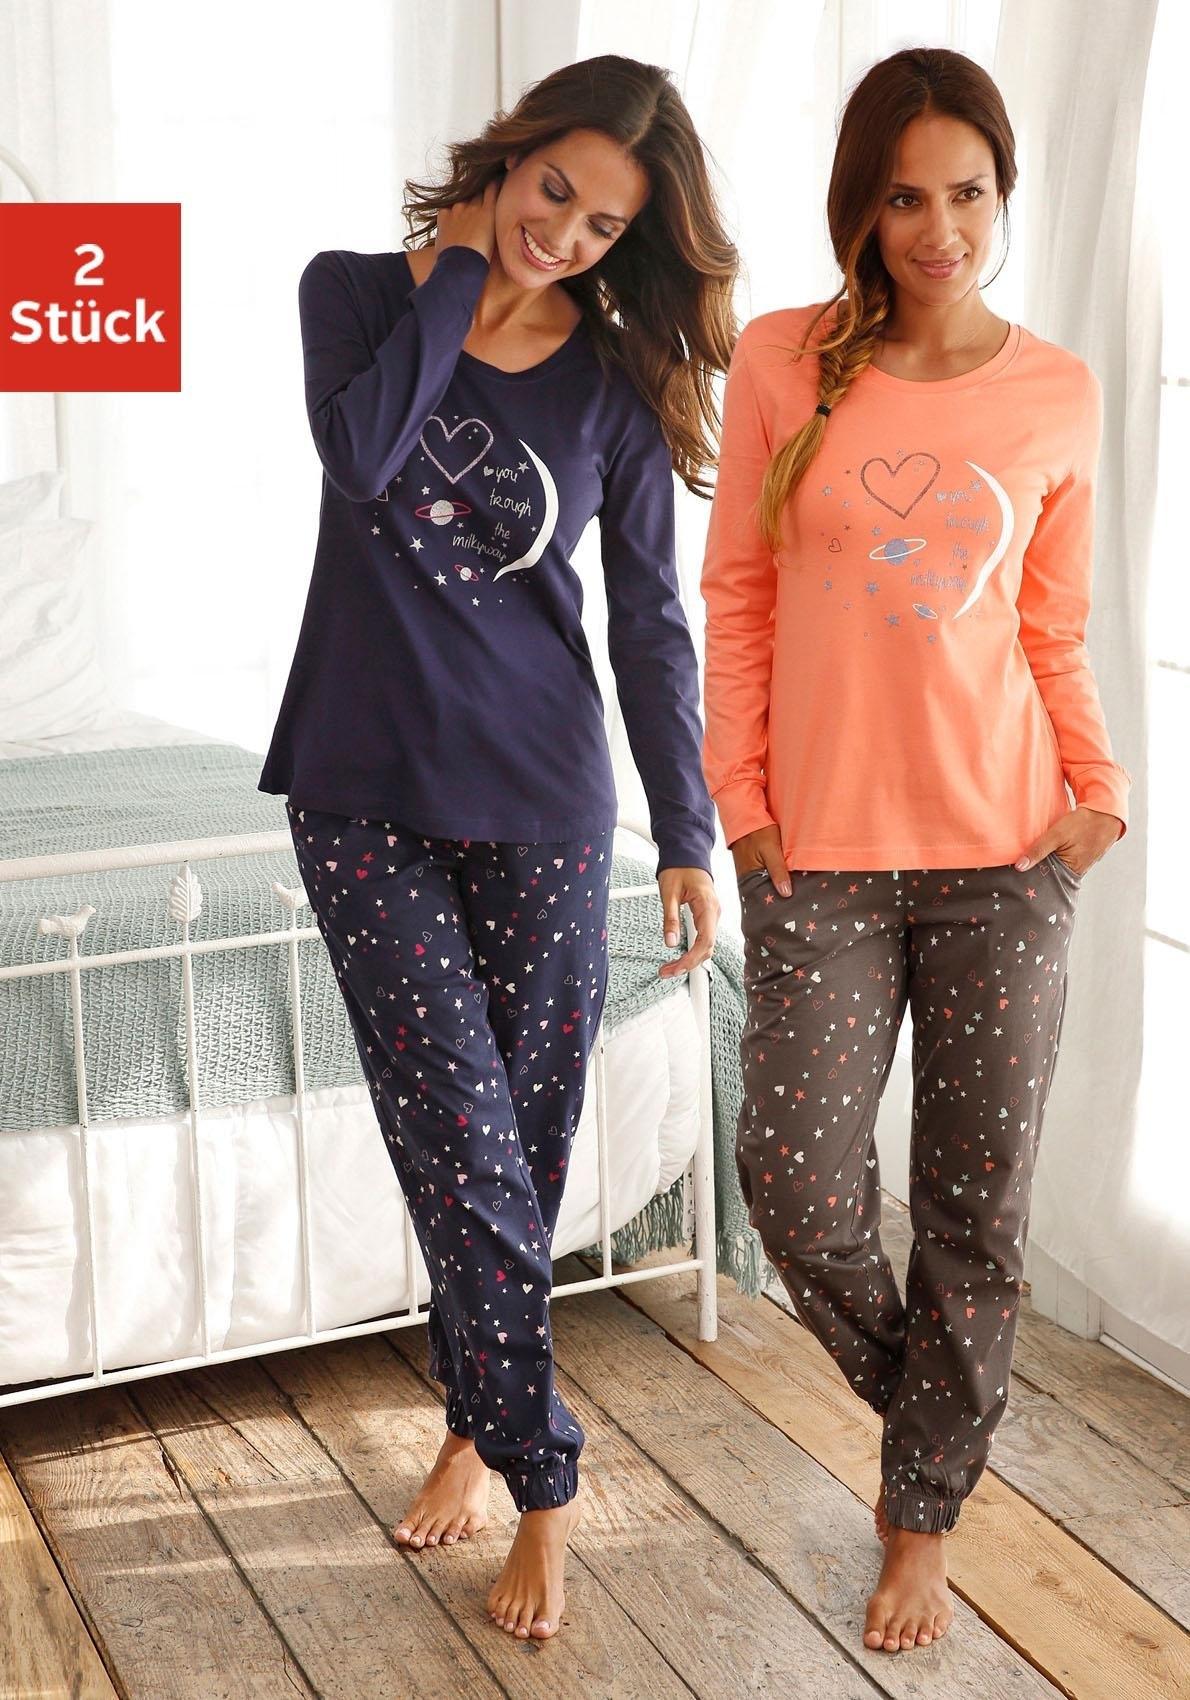 Vivance Collection Pyjama in set van 2, VIVANCE DREAMS veilig op lascana.nl kopen